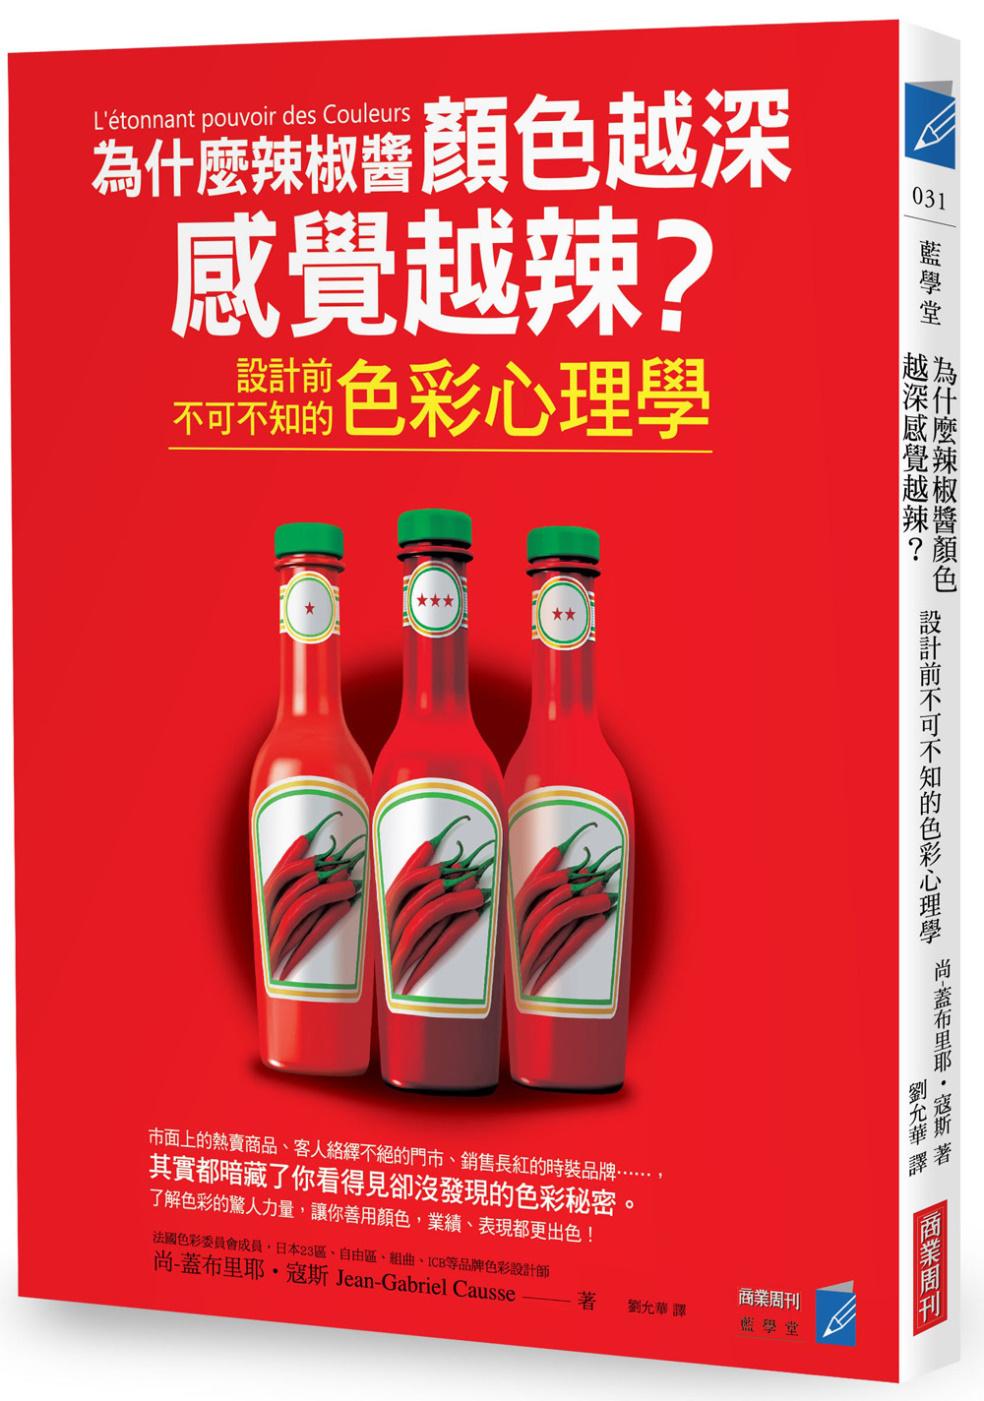 為什麼辣椒醬顏色越深感覺越辣?:產品設計前不可不知的色彩心理學